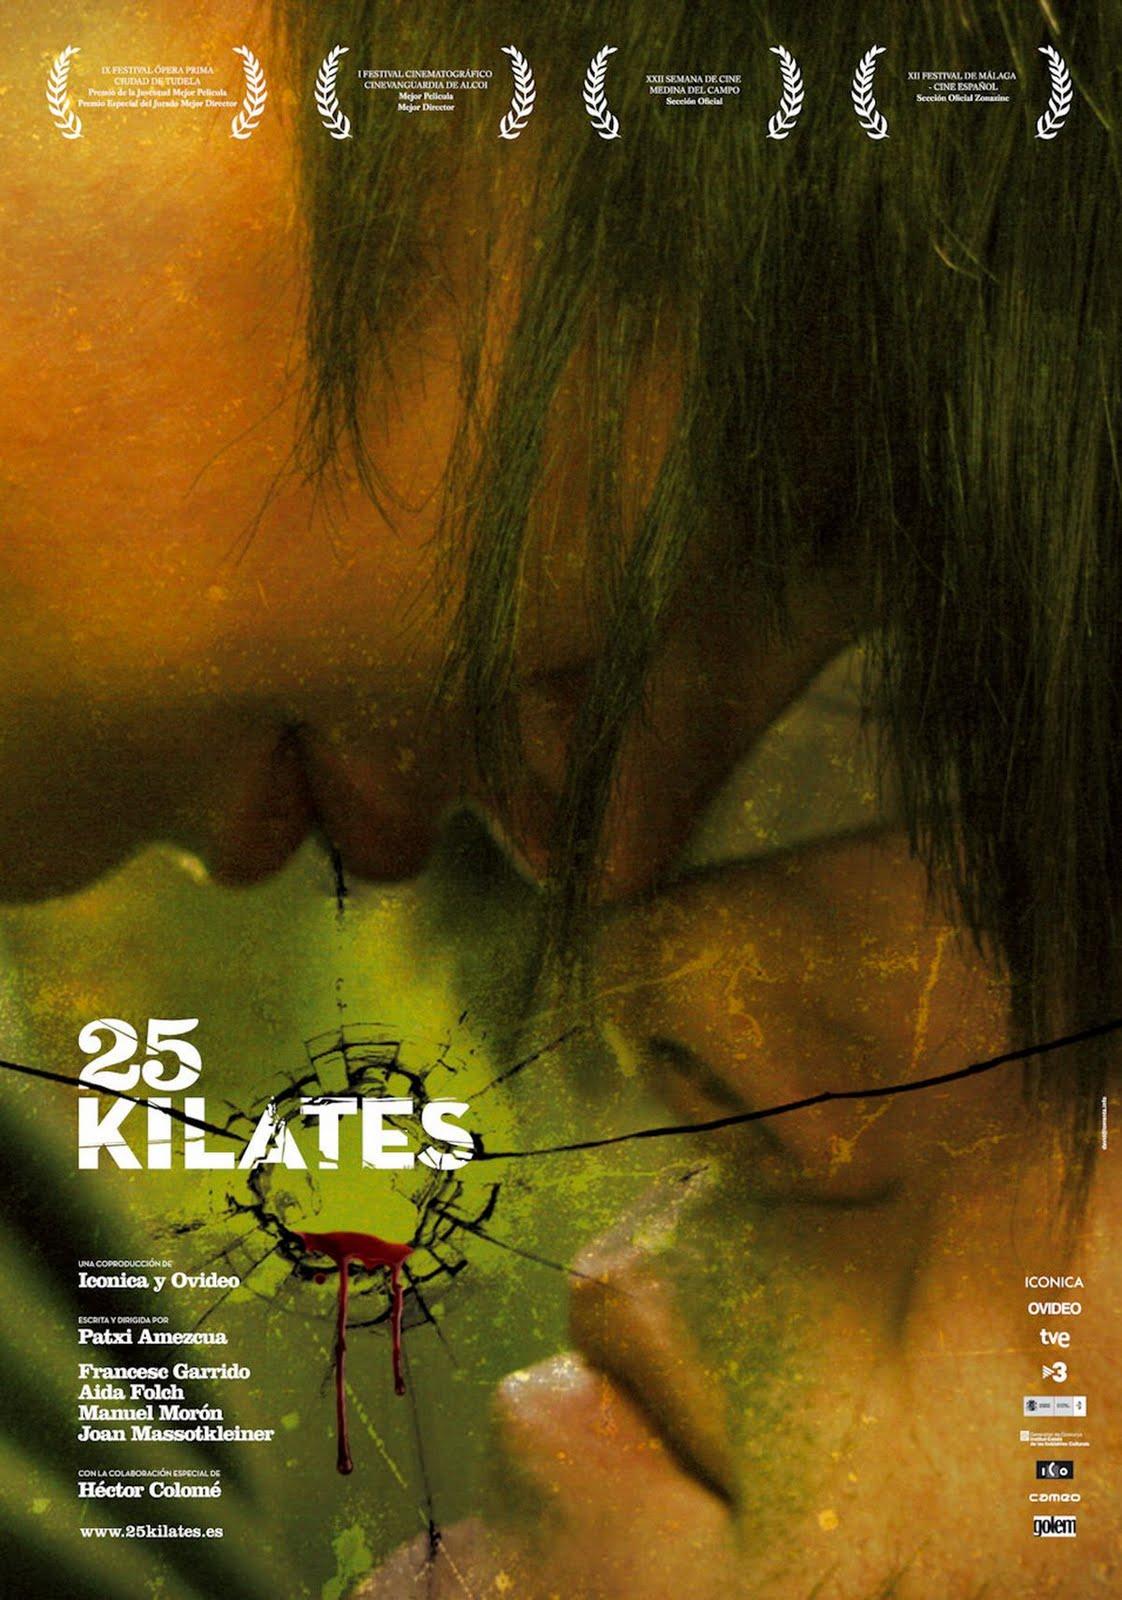 25-kilates-25-carat-poster